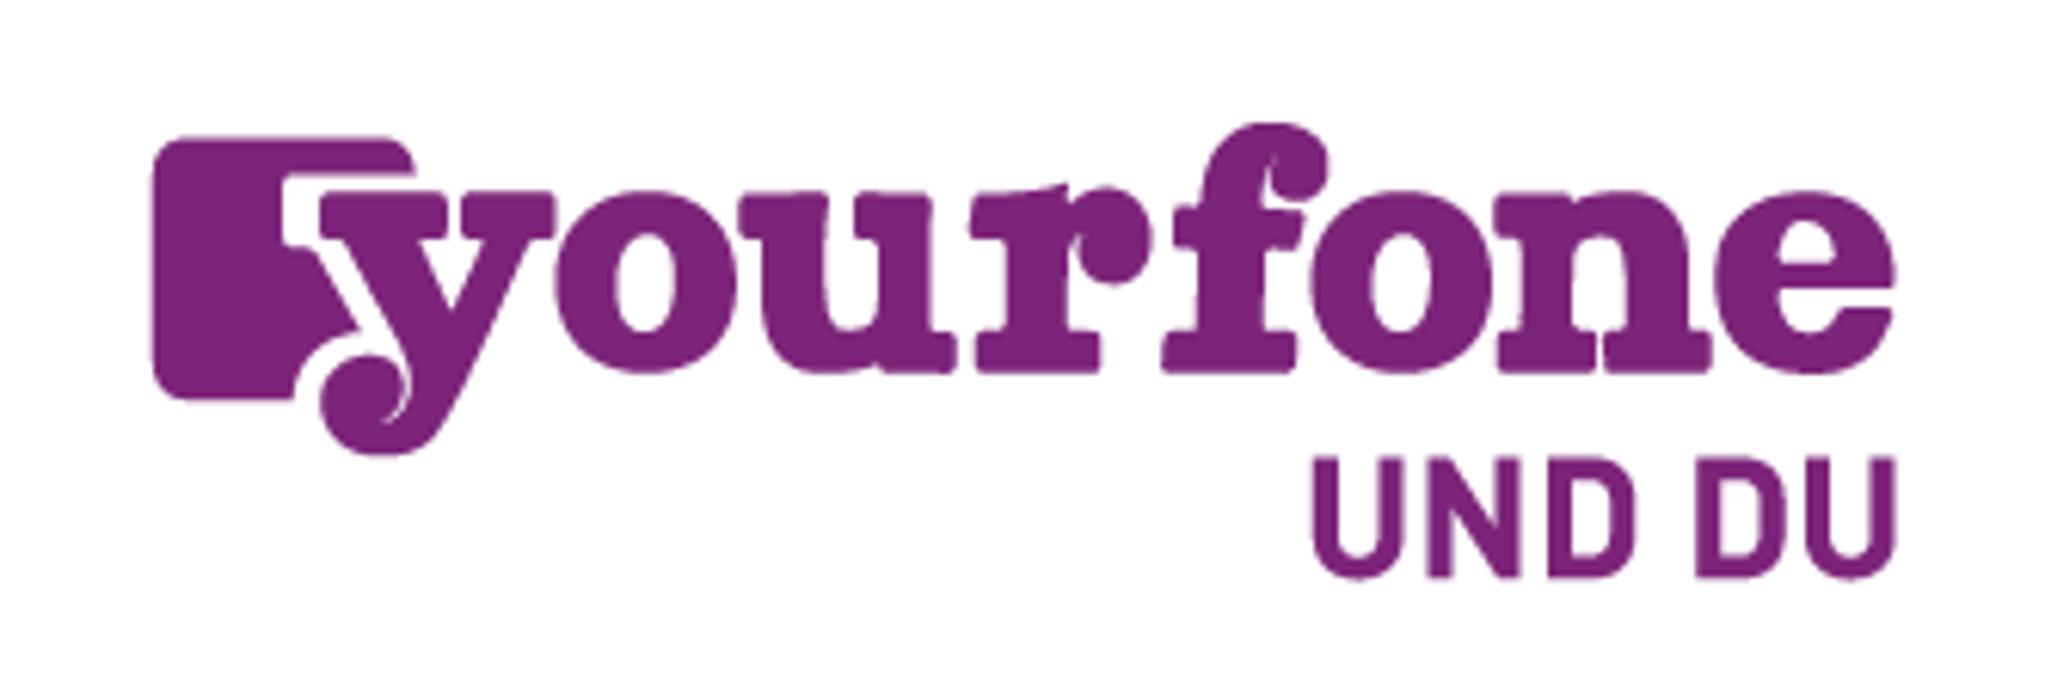 Yourfone shop erfurt anger erfurt anger 10 ffnungszeiten angebote - Boutique free angers ...